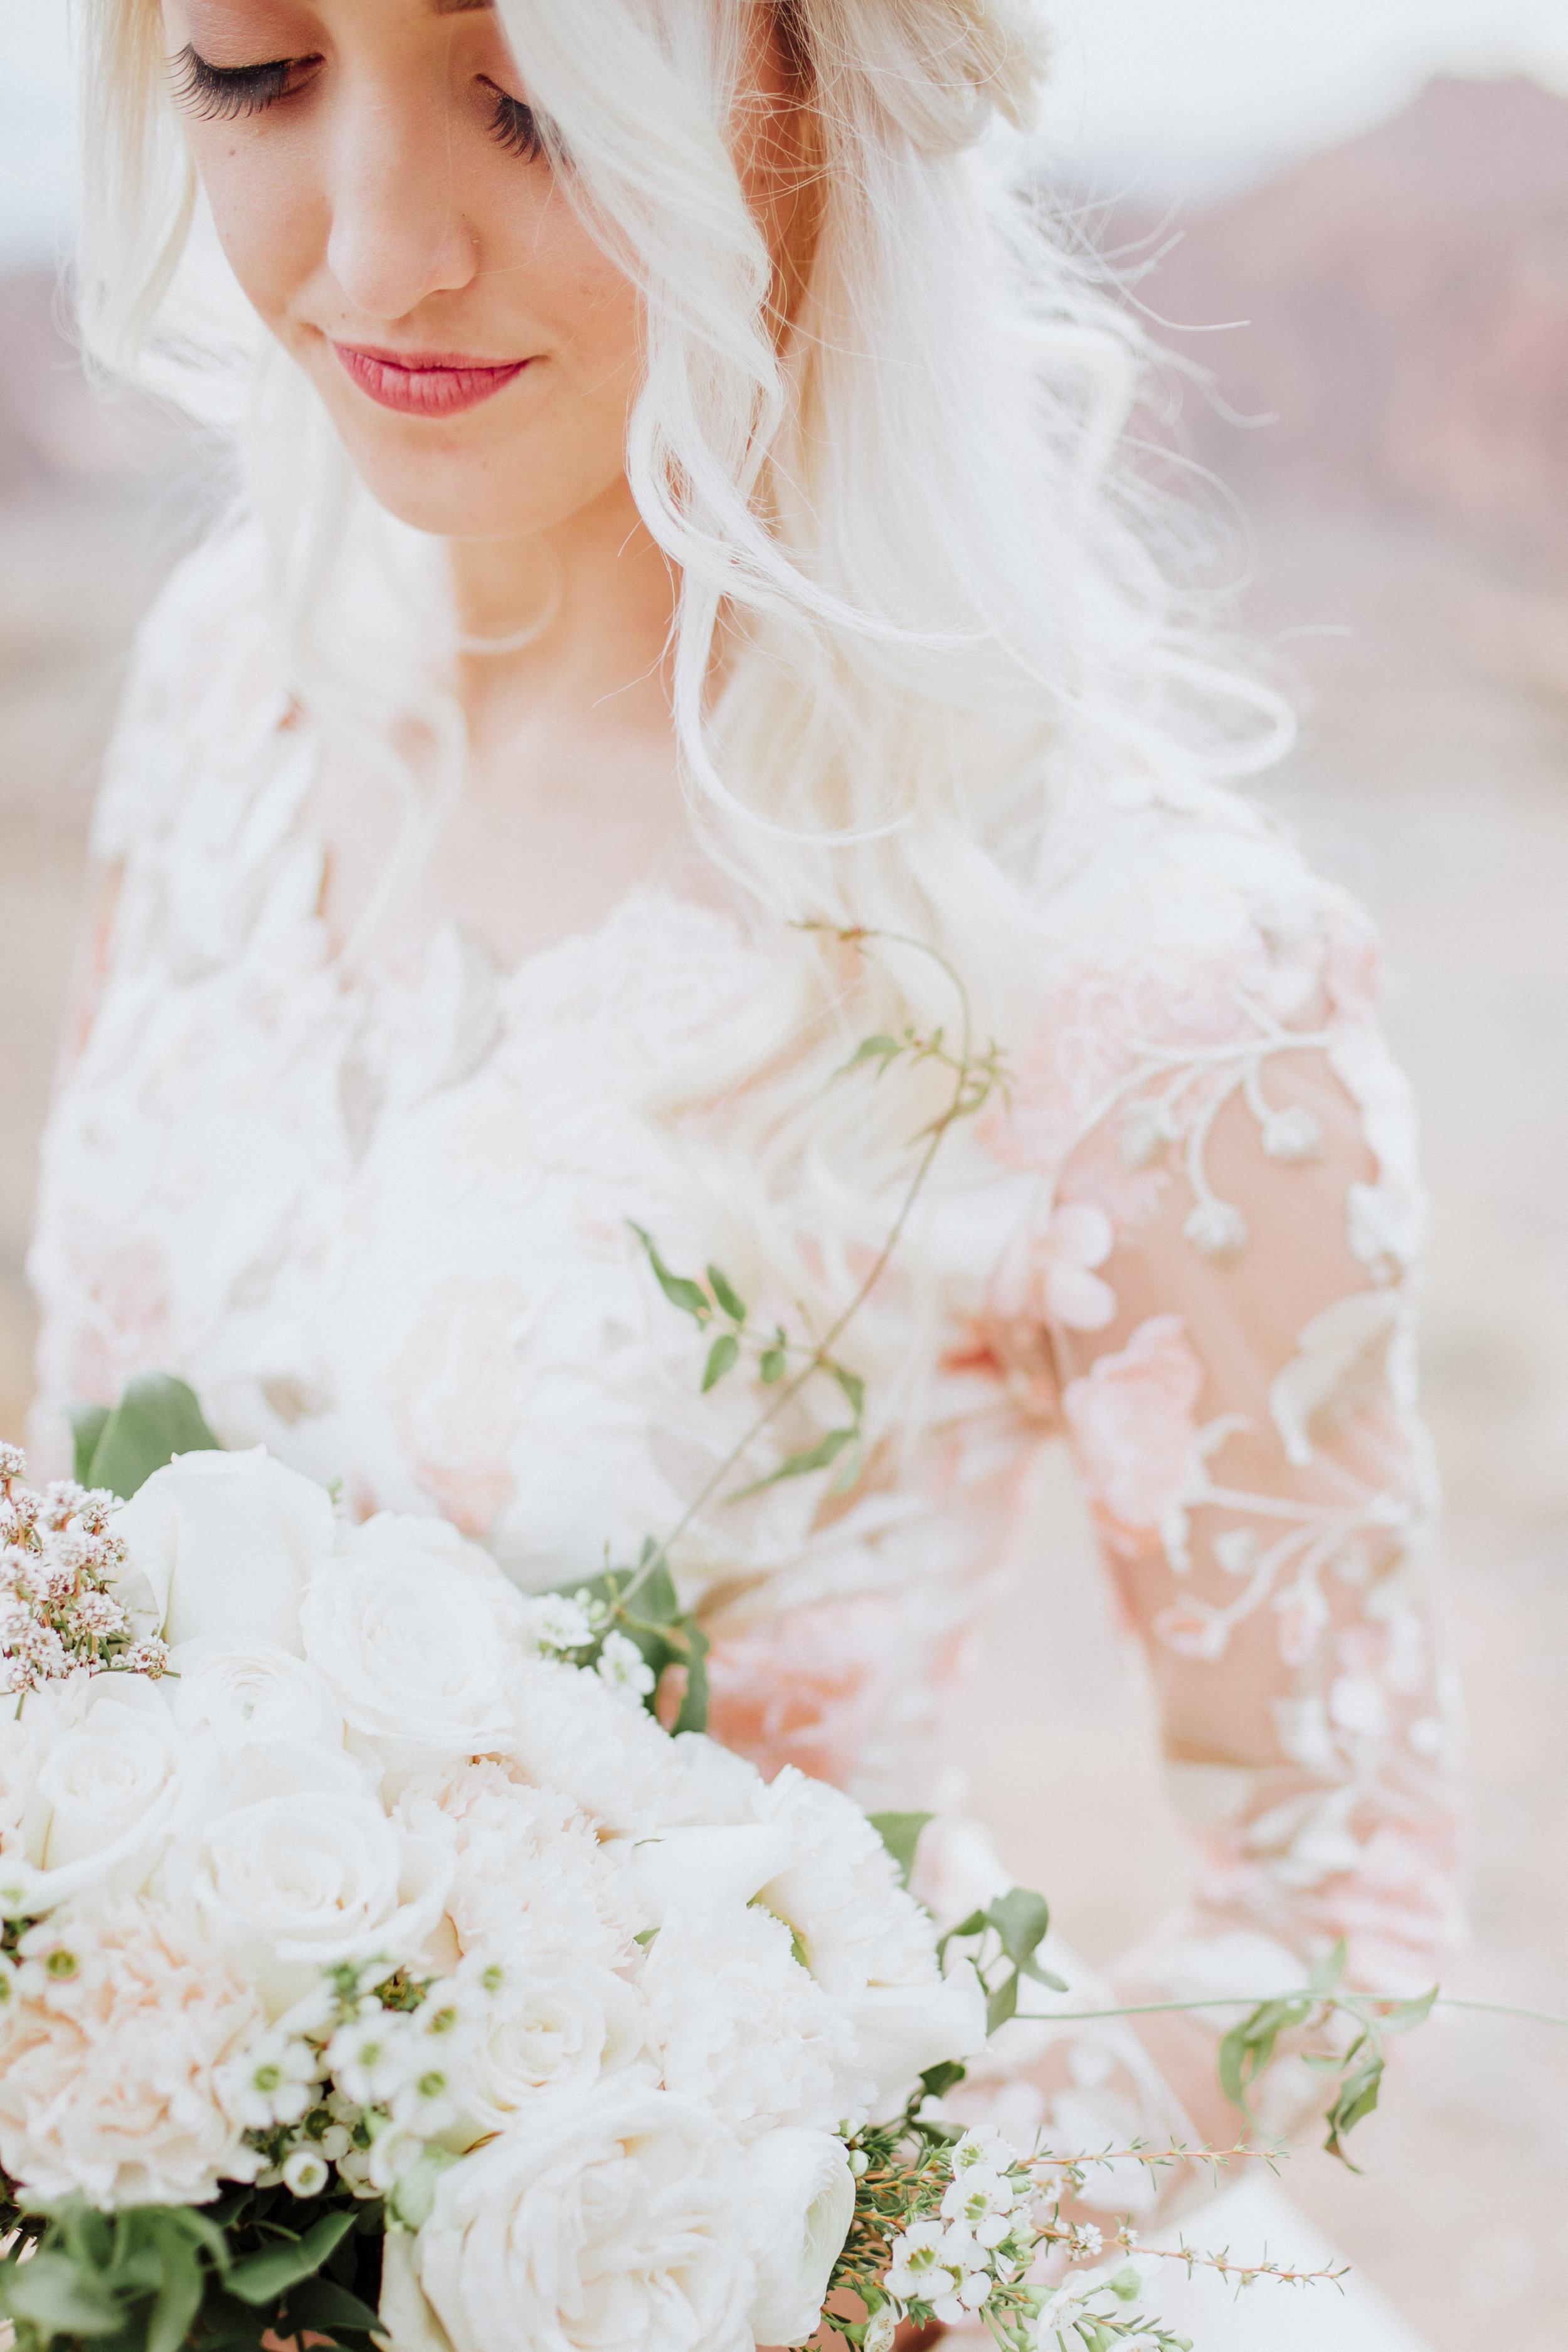 sc ss bridals-19.jpg